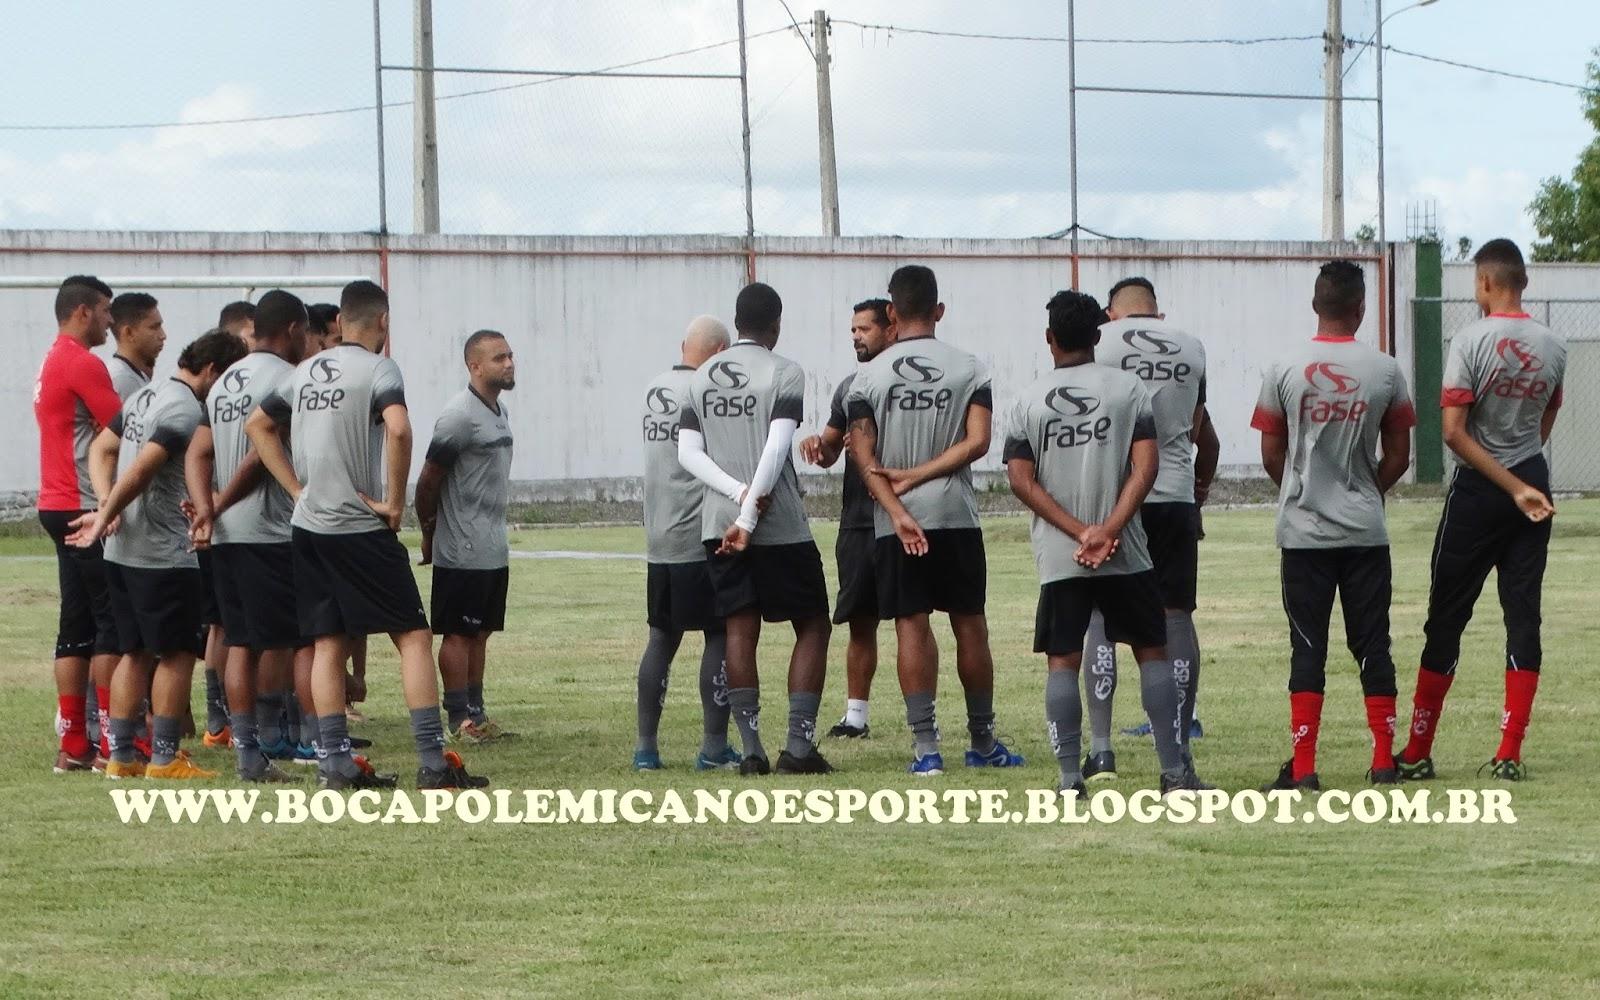 Portela Teixeira de Freitas se apresentou para disputa do Campeonato ... dfadd6b98c4dd